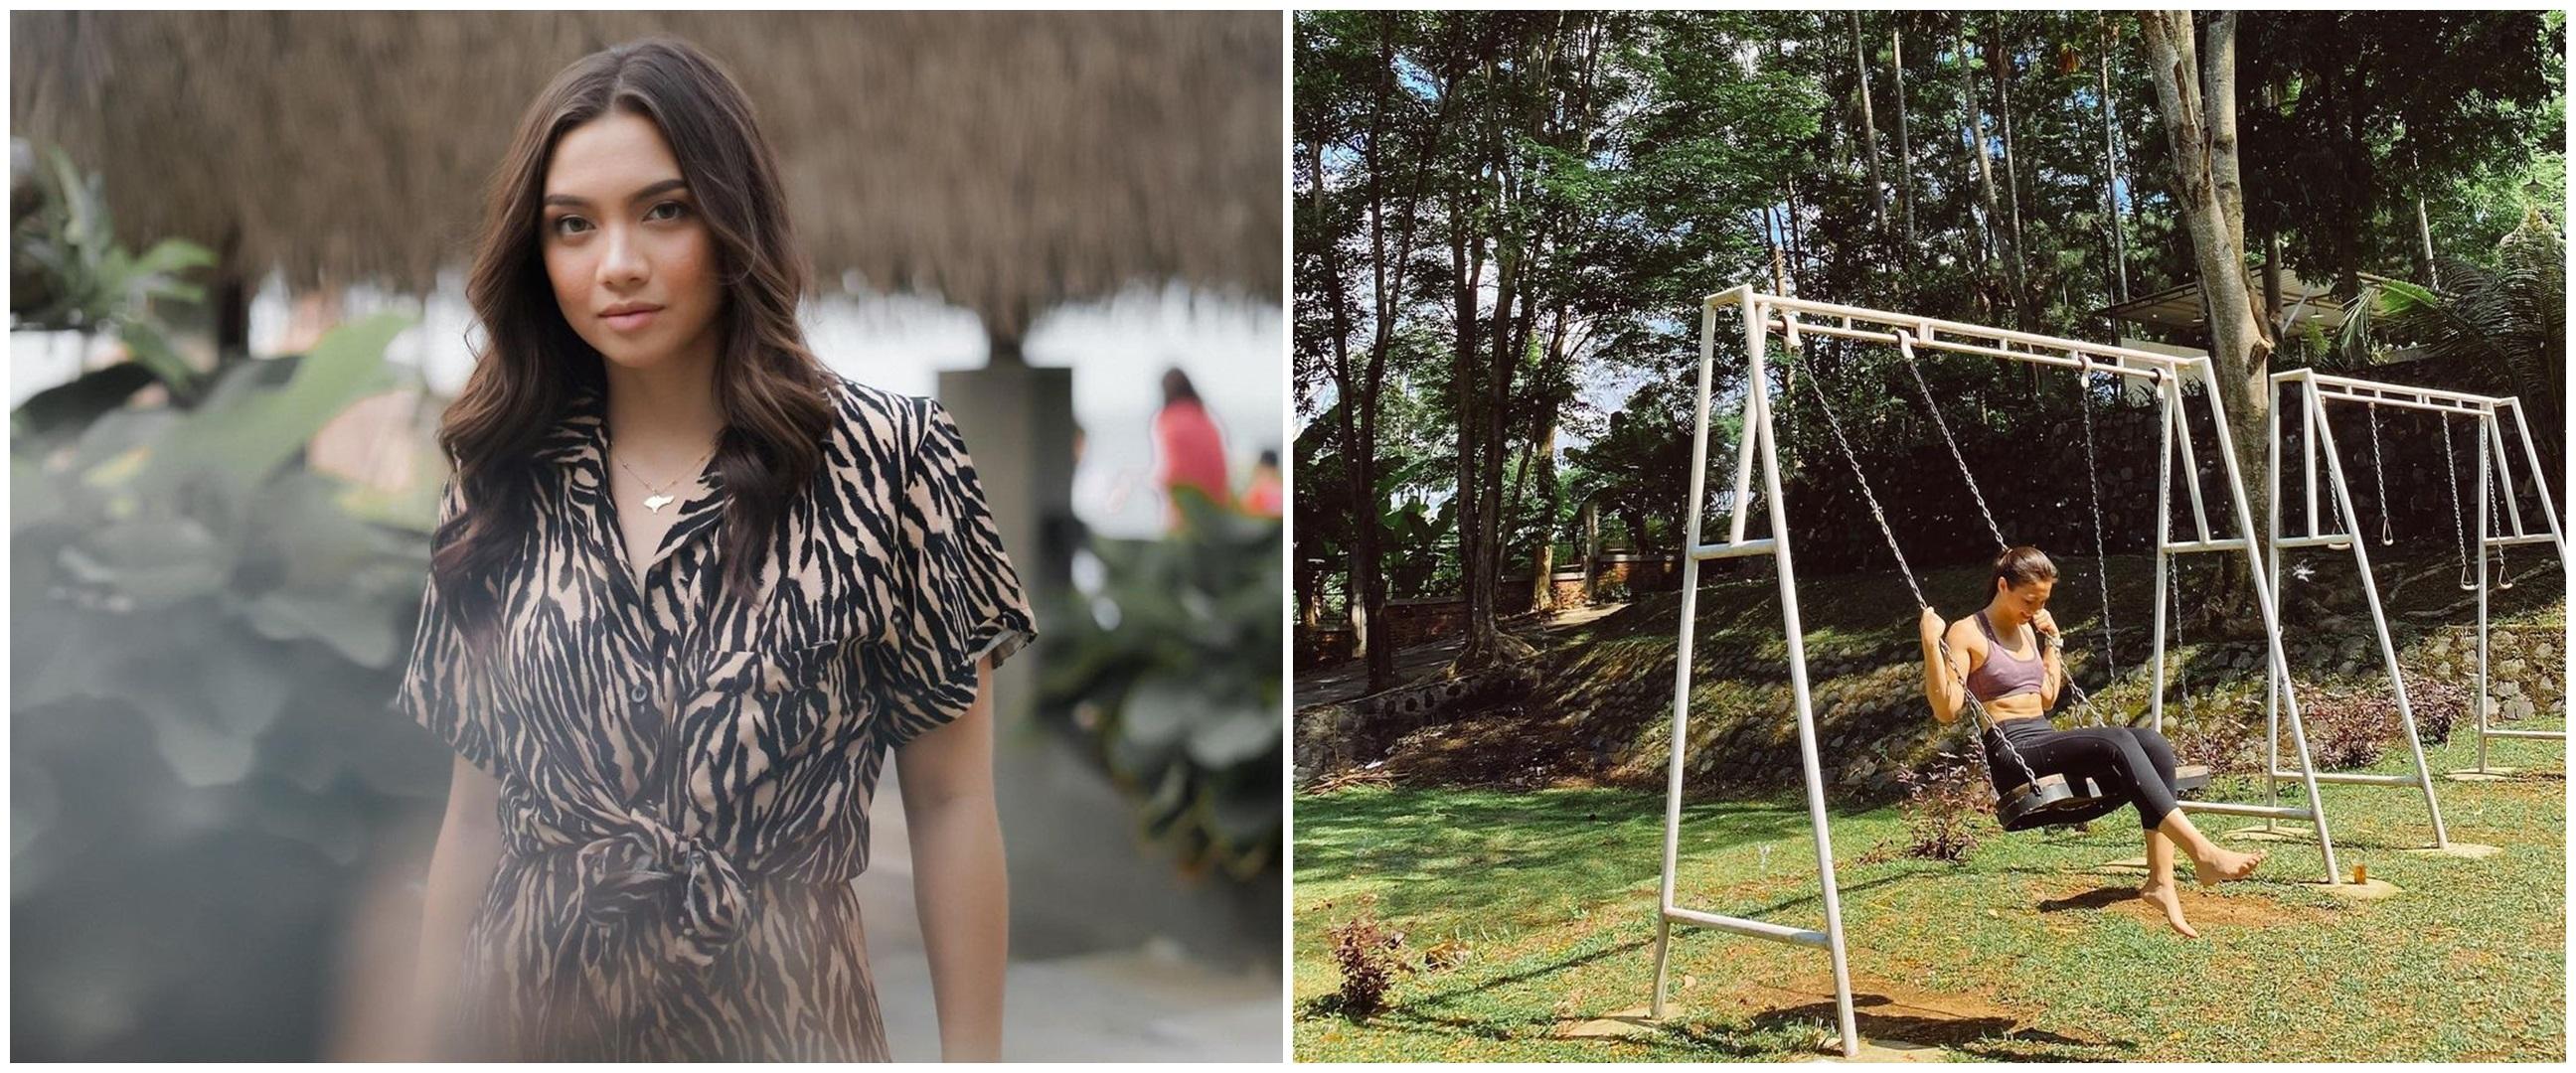 Cerita Angela Gilsha rehat dari media sosial, sesaat bisa hidup tenang